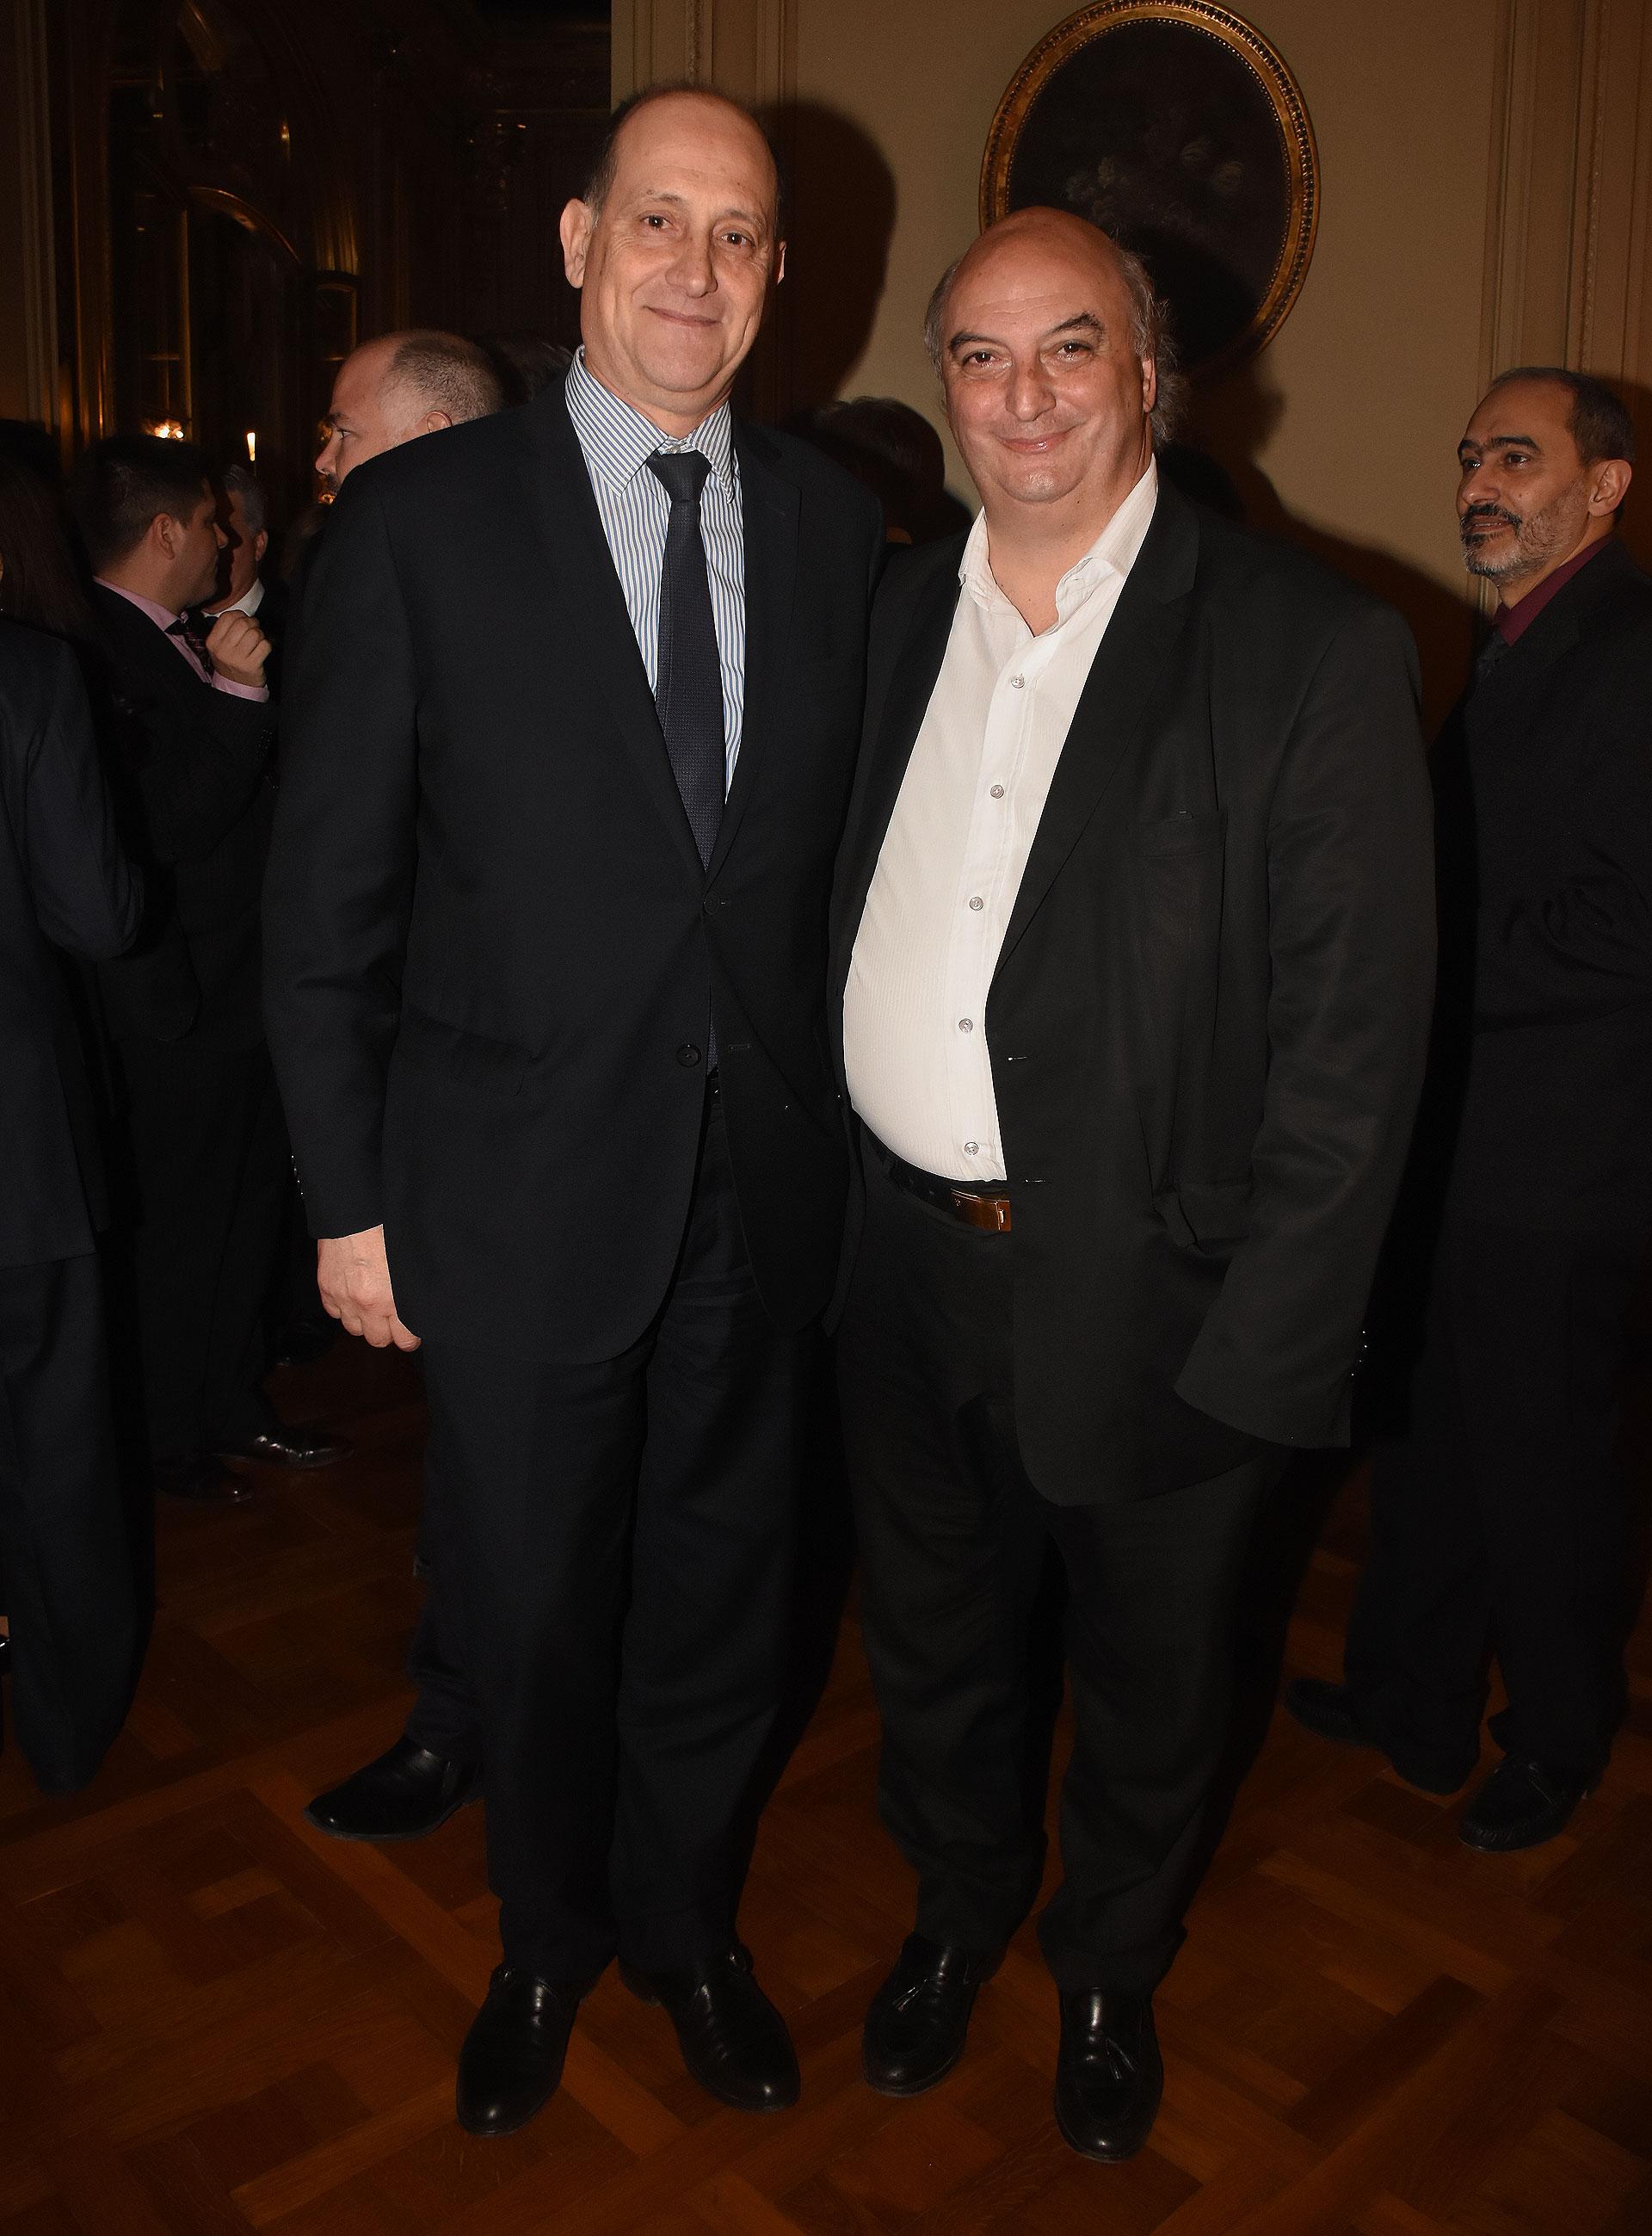 El vicecanciller Daniel Raimondi junto a Pablo Garzonio,secretario de Relaciones Internacionales de la Legislatura